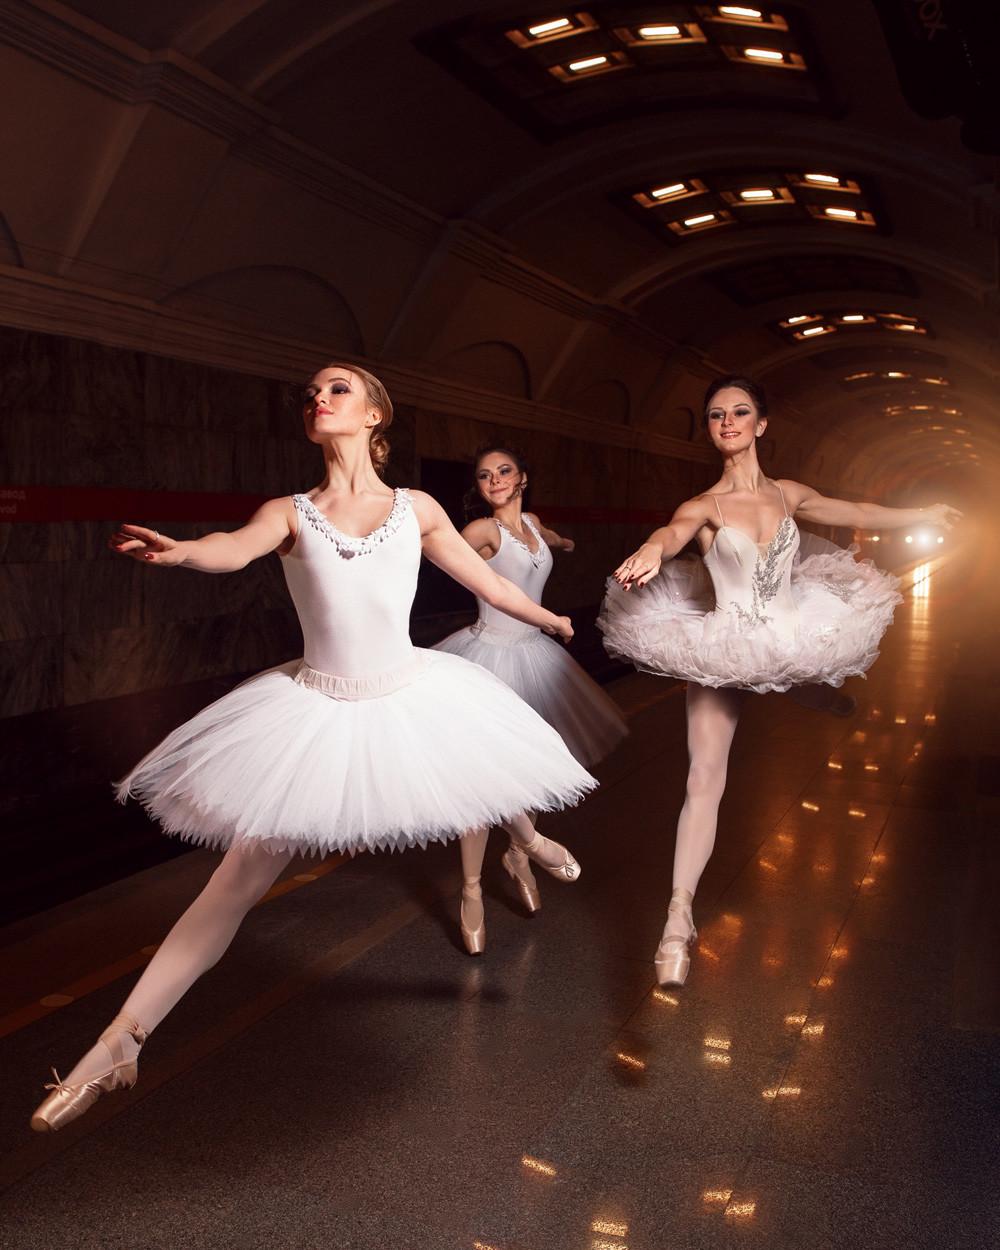 Russisches Ballett – das ist Kraft, Eleganz und Schnelligkeit. Ebenso springen diese Ballerinen hier durch die Station Kirow-Fabrik.